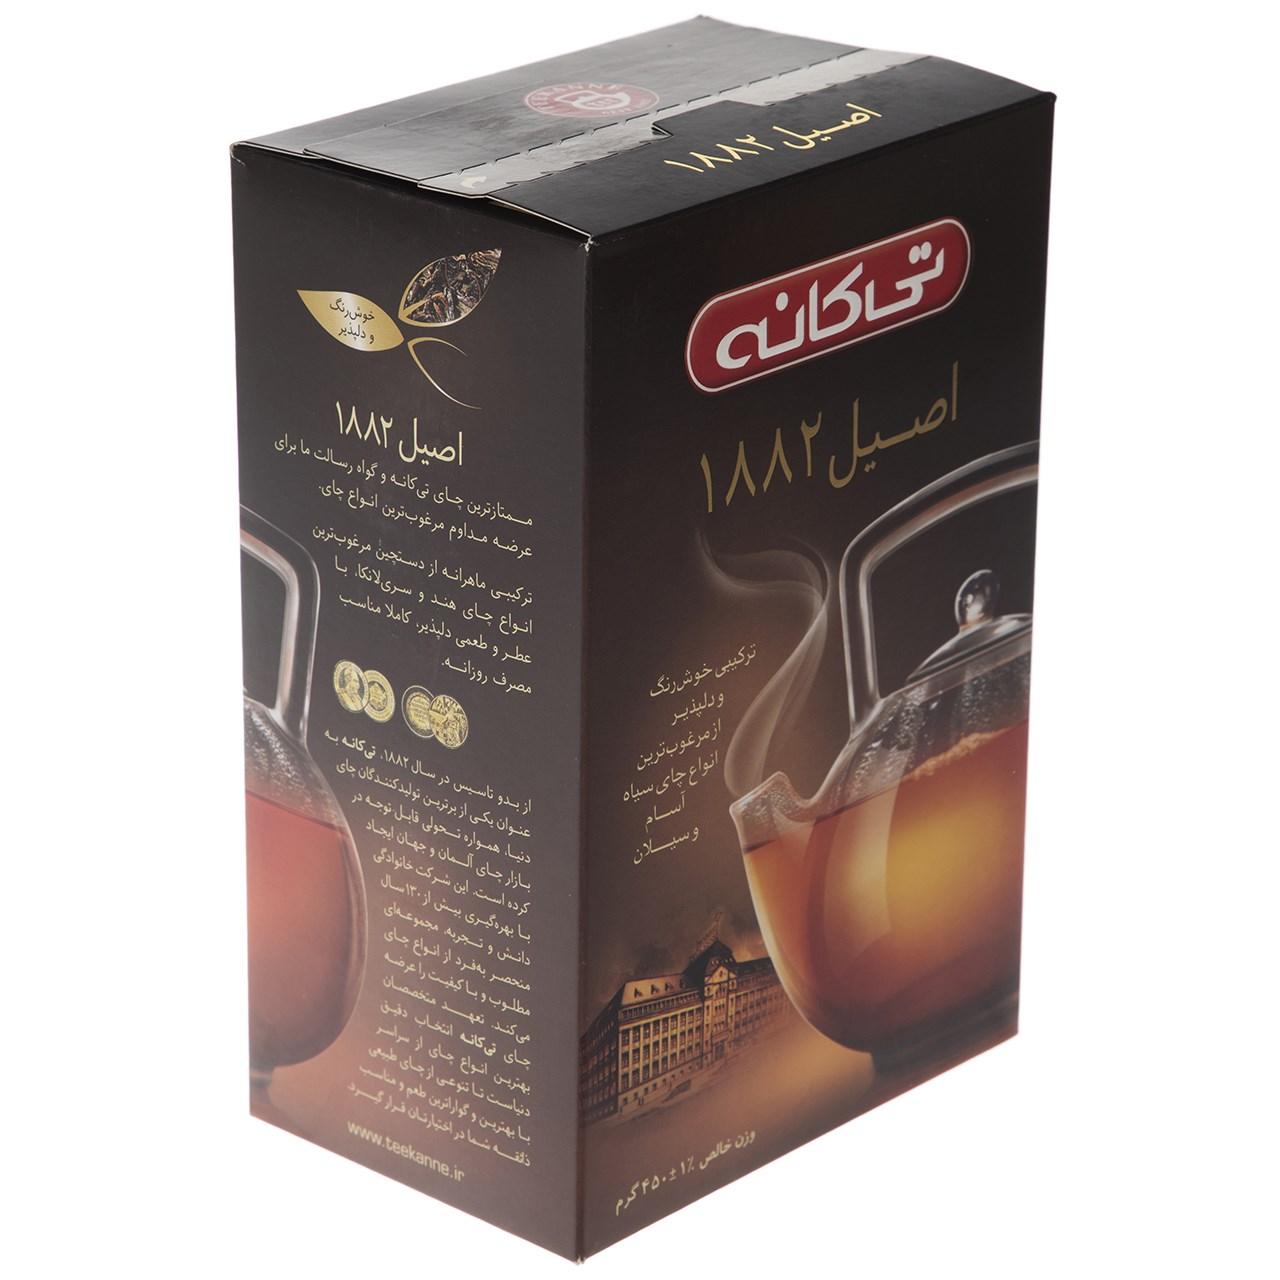 چای سیاه تی کانه مدل 1882 Original مقدار 450 گرم